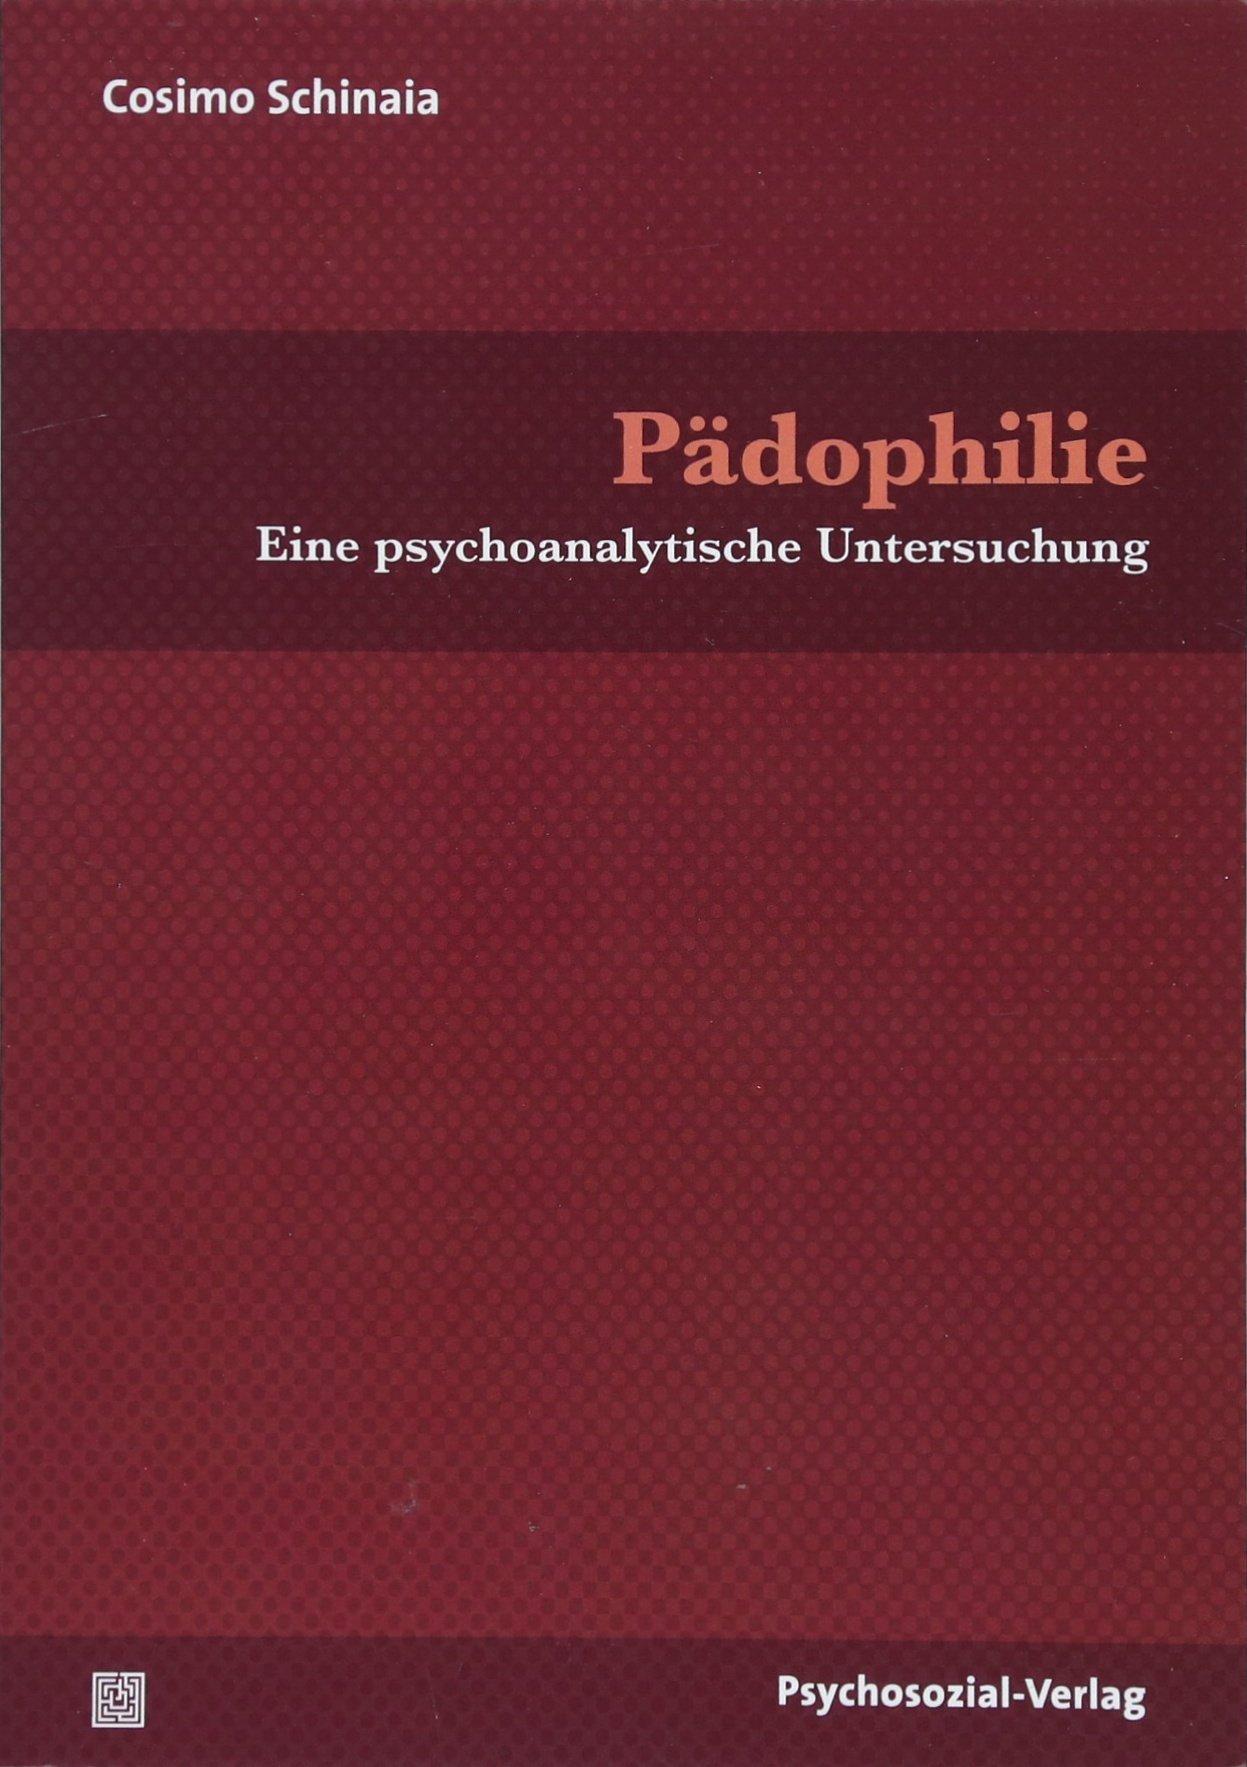 Pädophilie: Eine psychoanalytische Untersuchung (Bibliothek der Psychoanalyse)